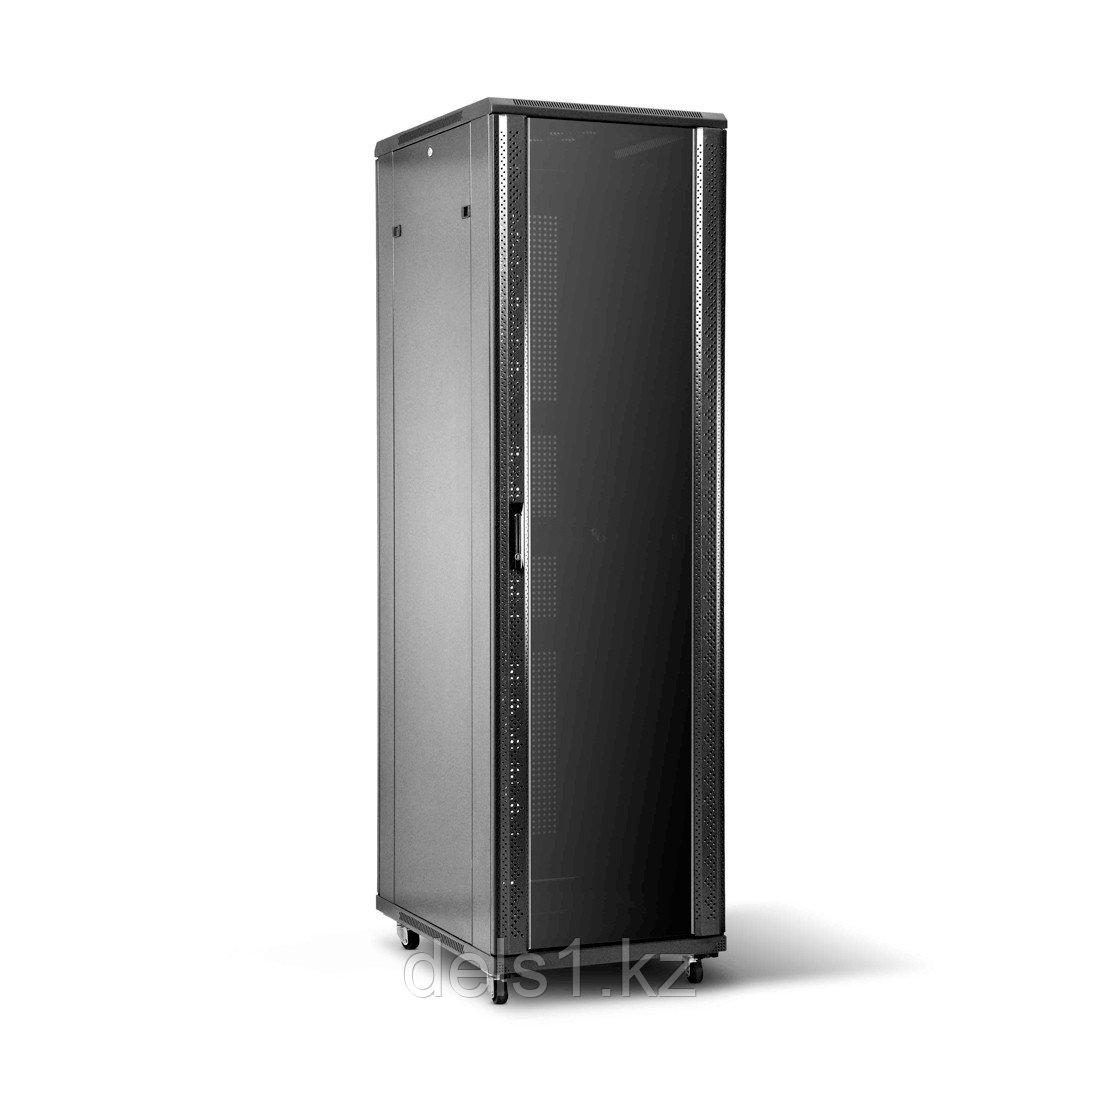 Шкаф серверный напольный SHIP 601S.6042.24.100 42U 600*1000*2000 мм